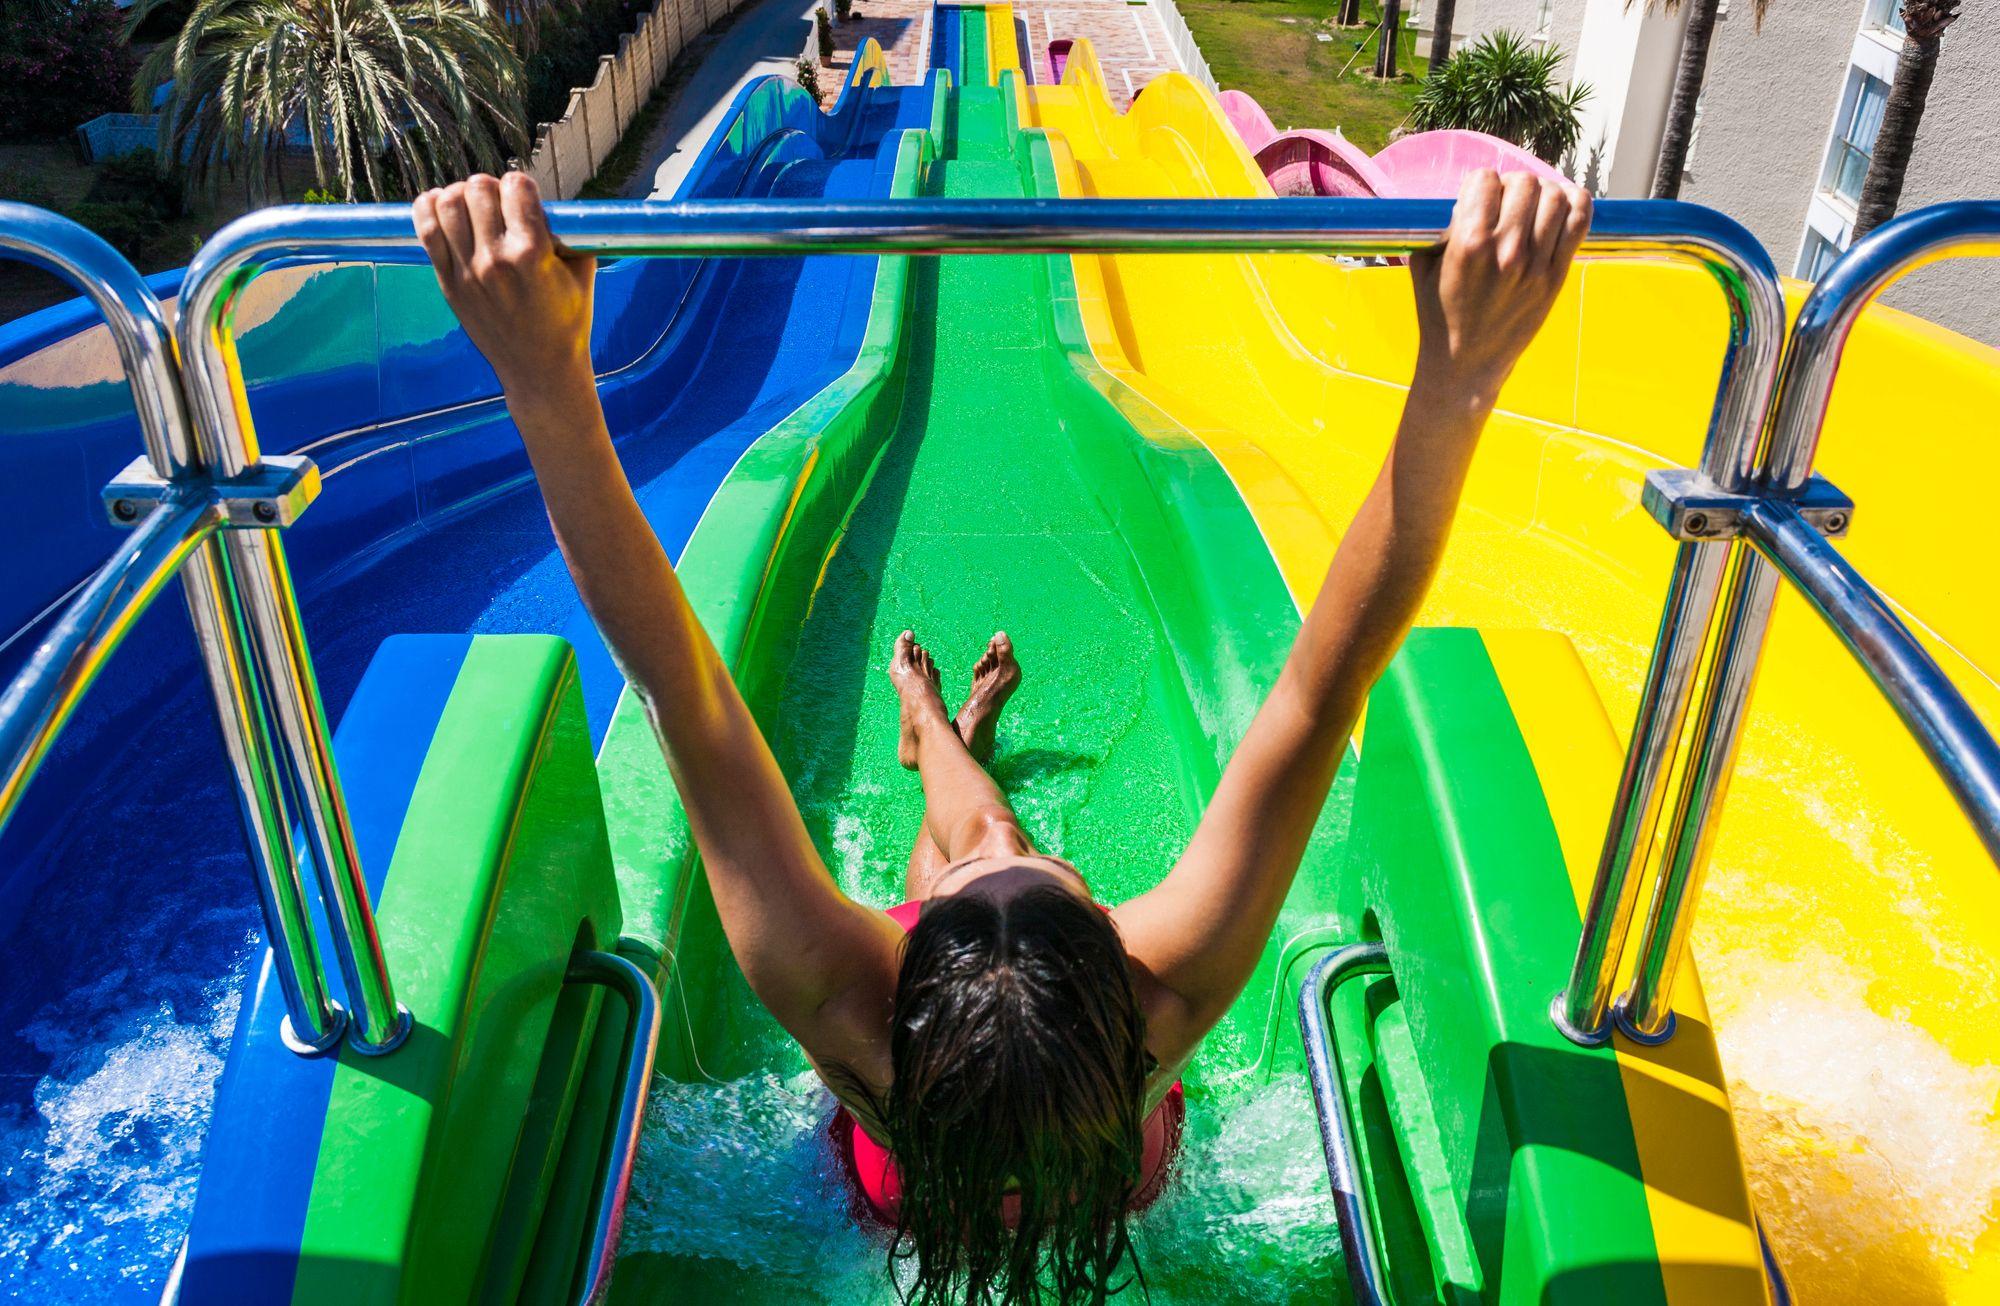 Diversión Asegurada En Los Toboganes De Nuestro Hotel Globales Playa Estepona Lots Of Fun At Our Water Park Hotel In Malag Parque Acuatico Toboganes Hoteles